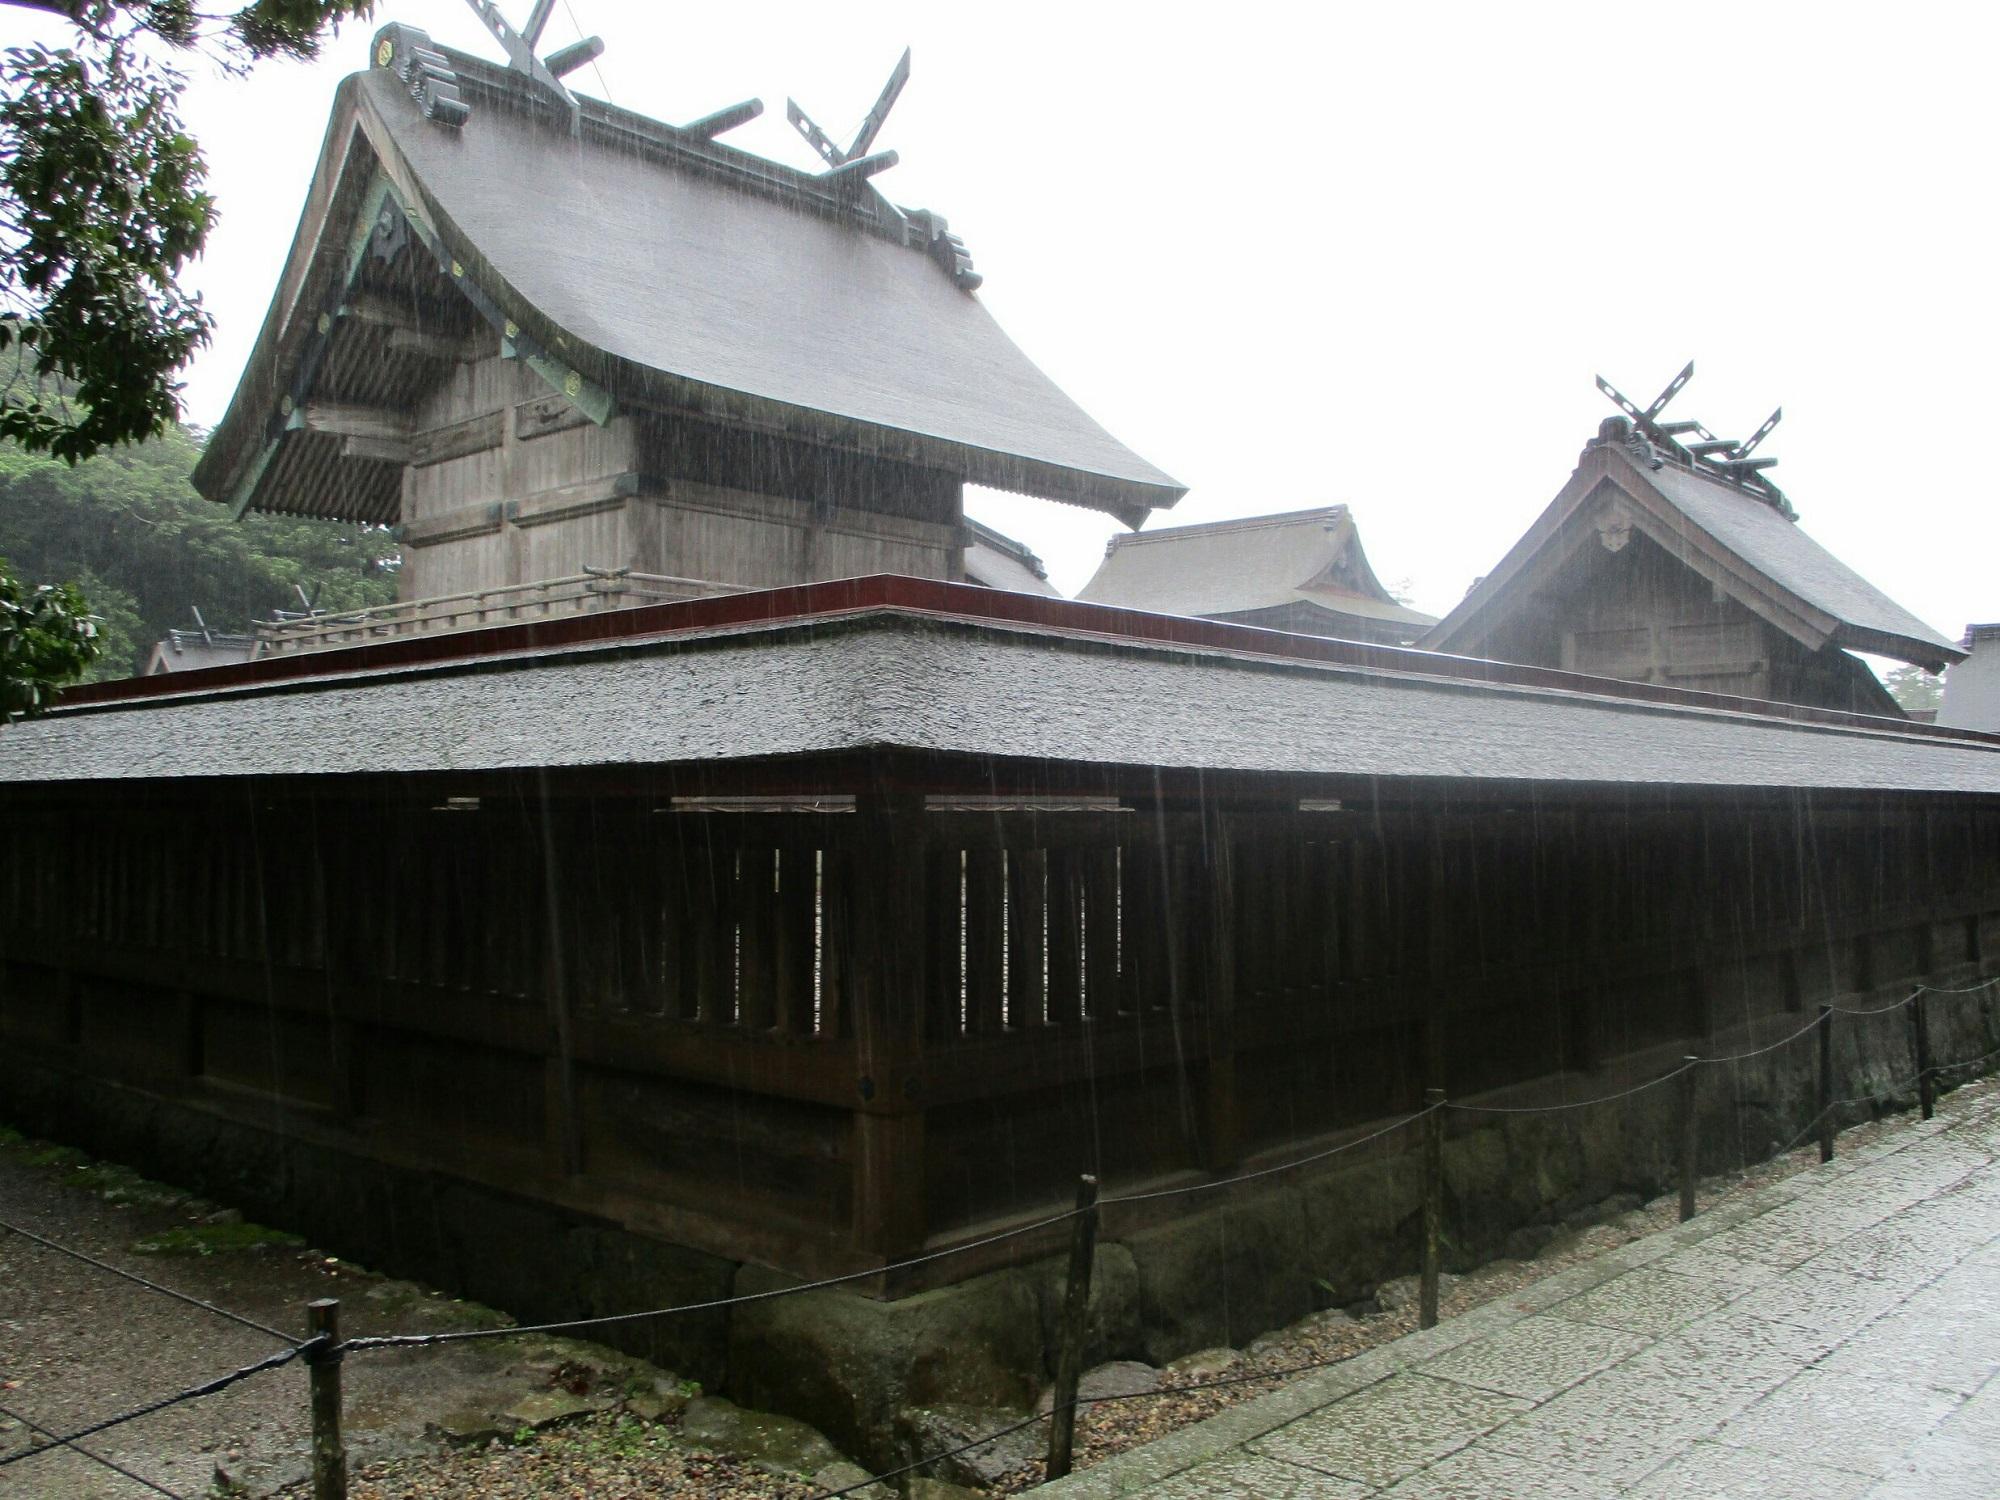 2018.7.6 (113) 出雲大社 - 本殿、筑紫社 2000-1500